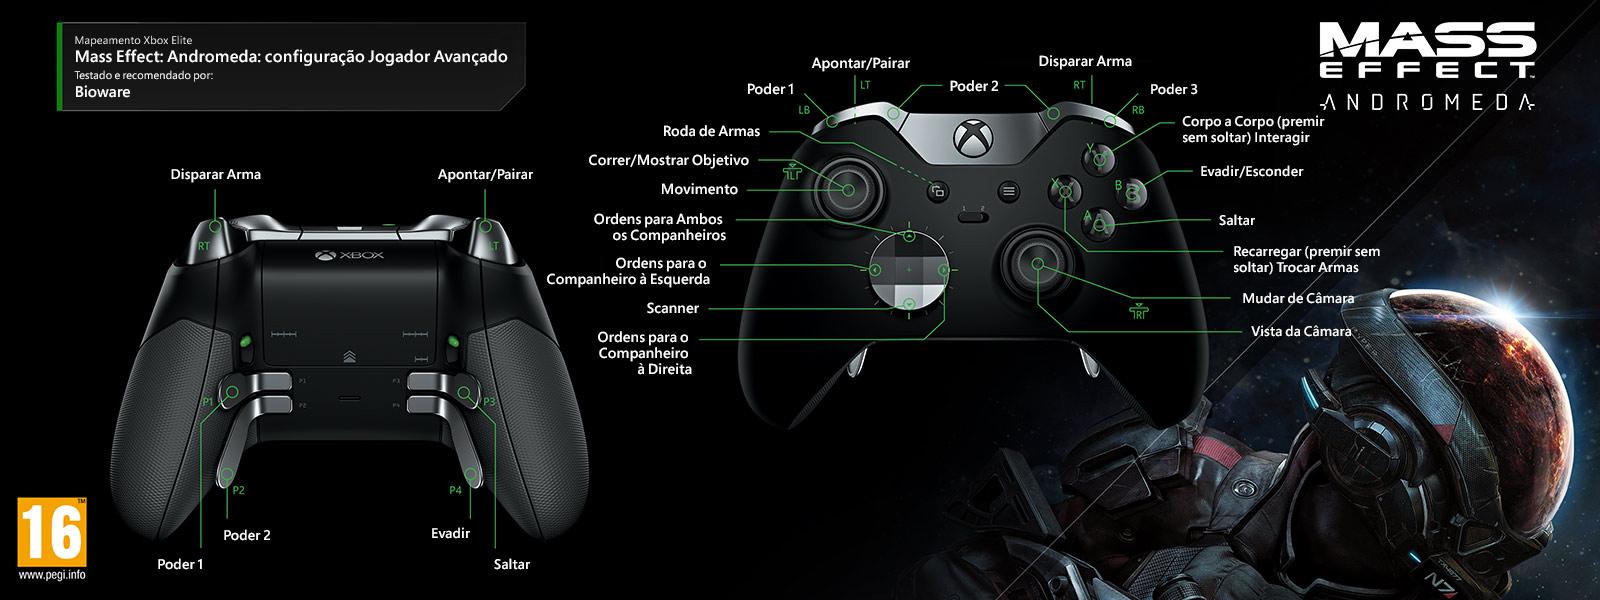 Configuração Mass Effect: Andromeda – Power Player